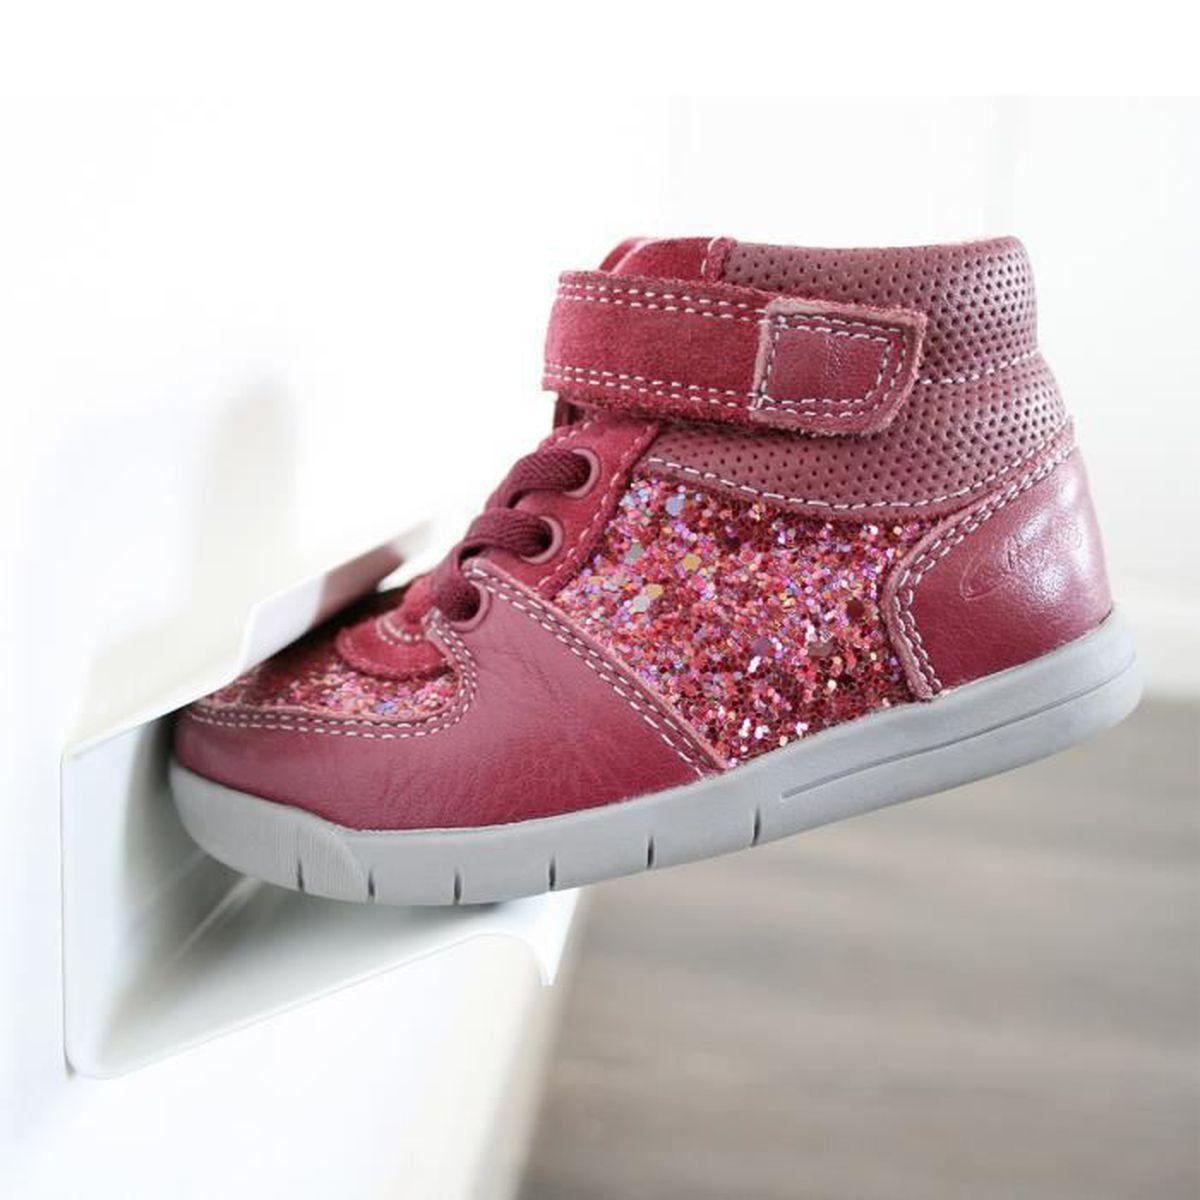 range chaussures enfant 70 cm blanc argent achat vente meuble chaussures range chaussures. Black Bedroom Furniture Sets. Home Design Ideas